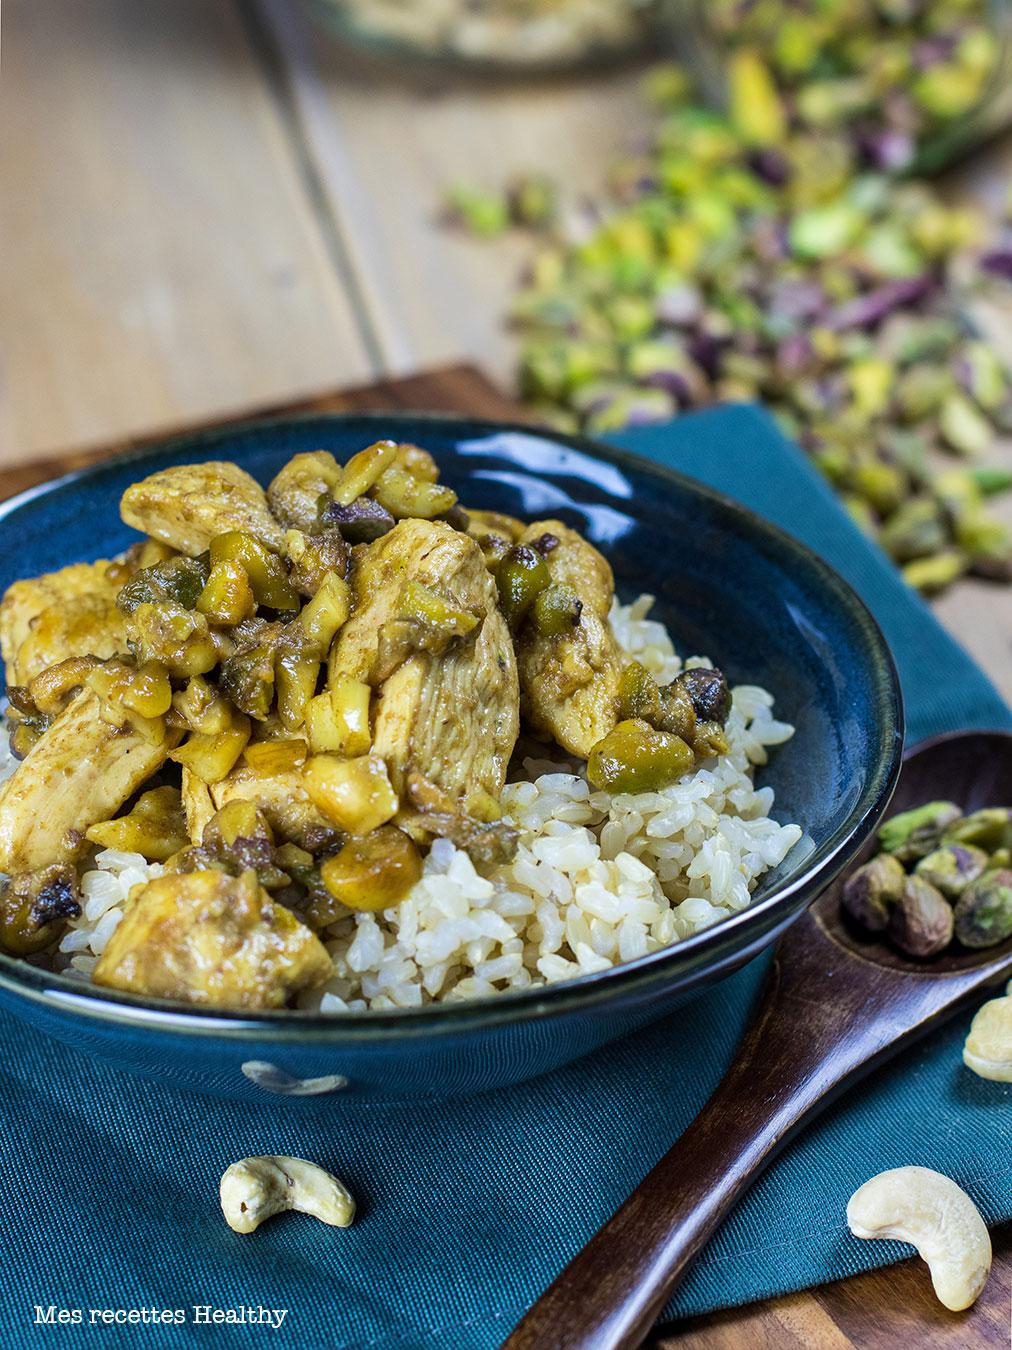 recette healthy-biriani-indien-epice-riz